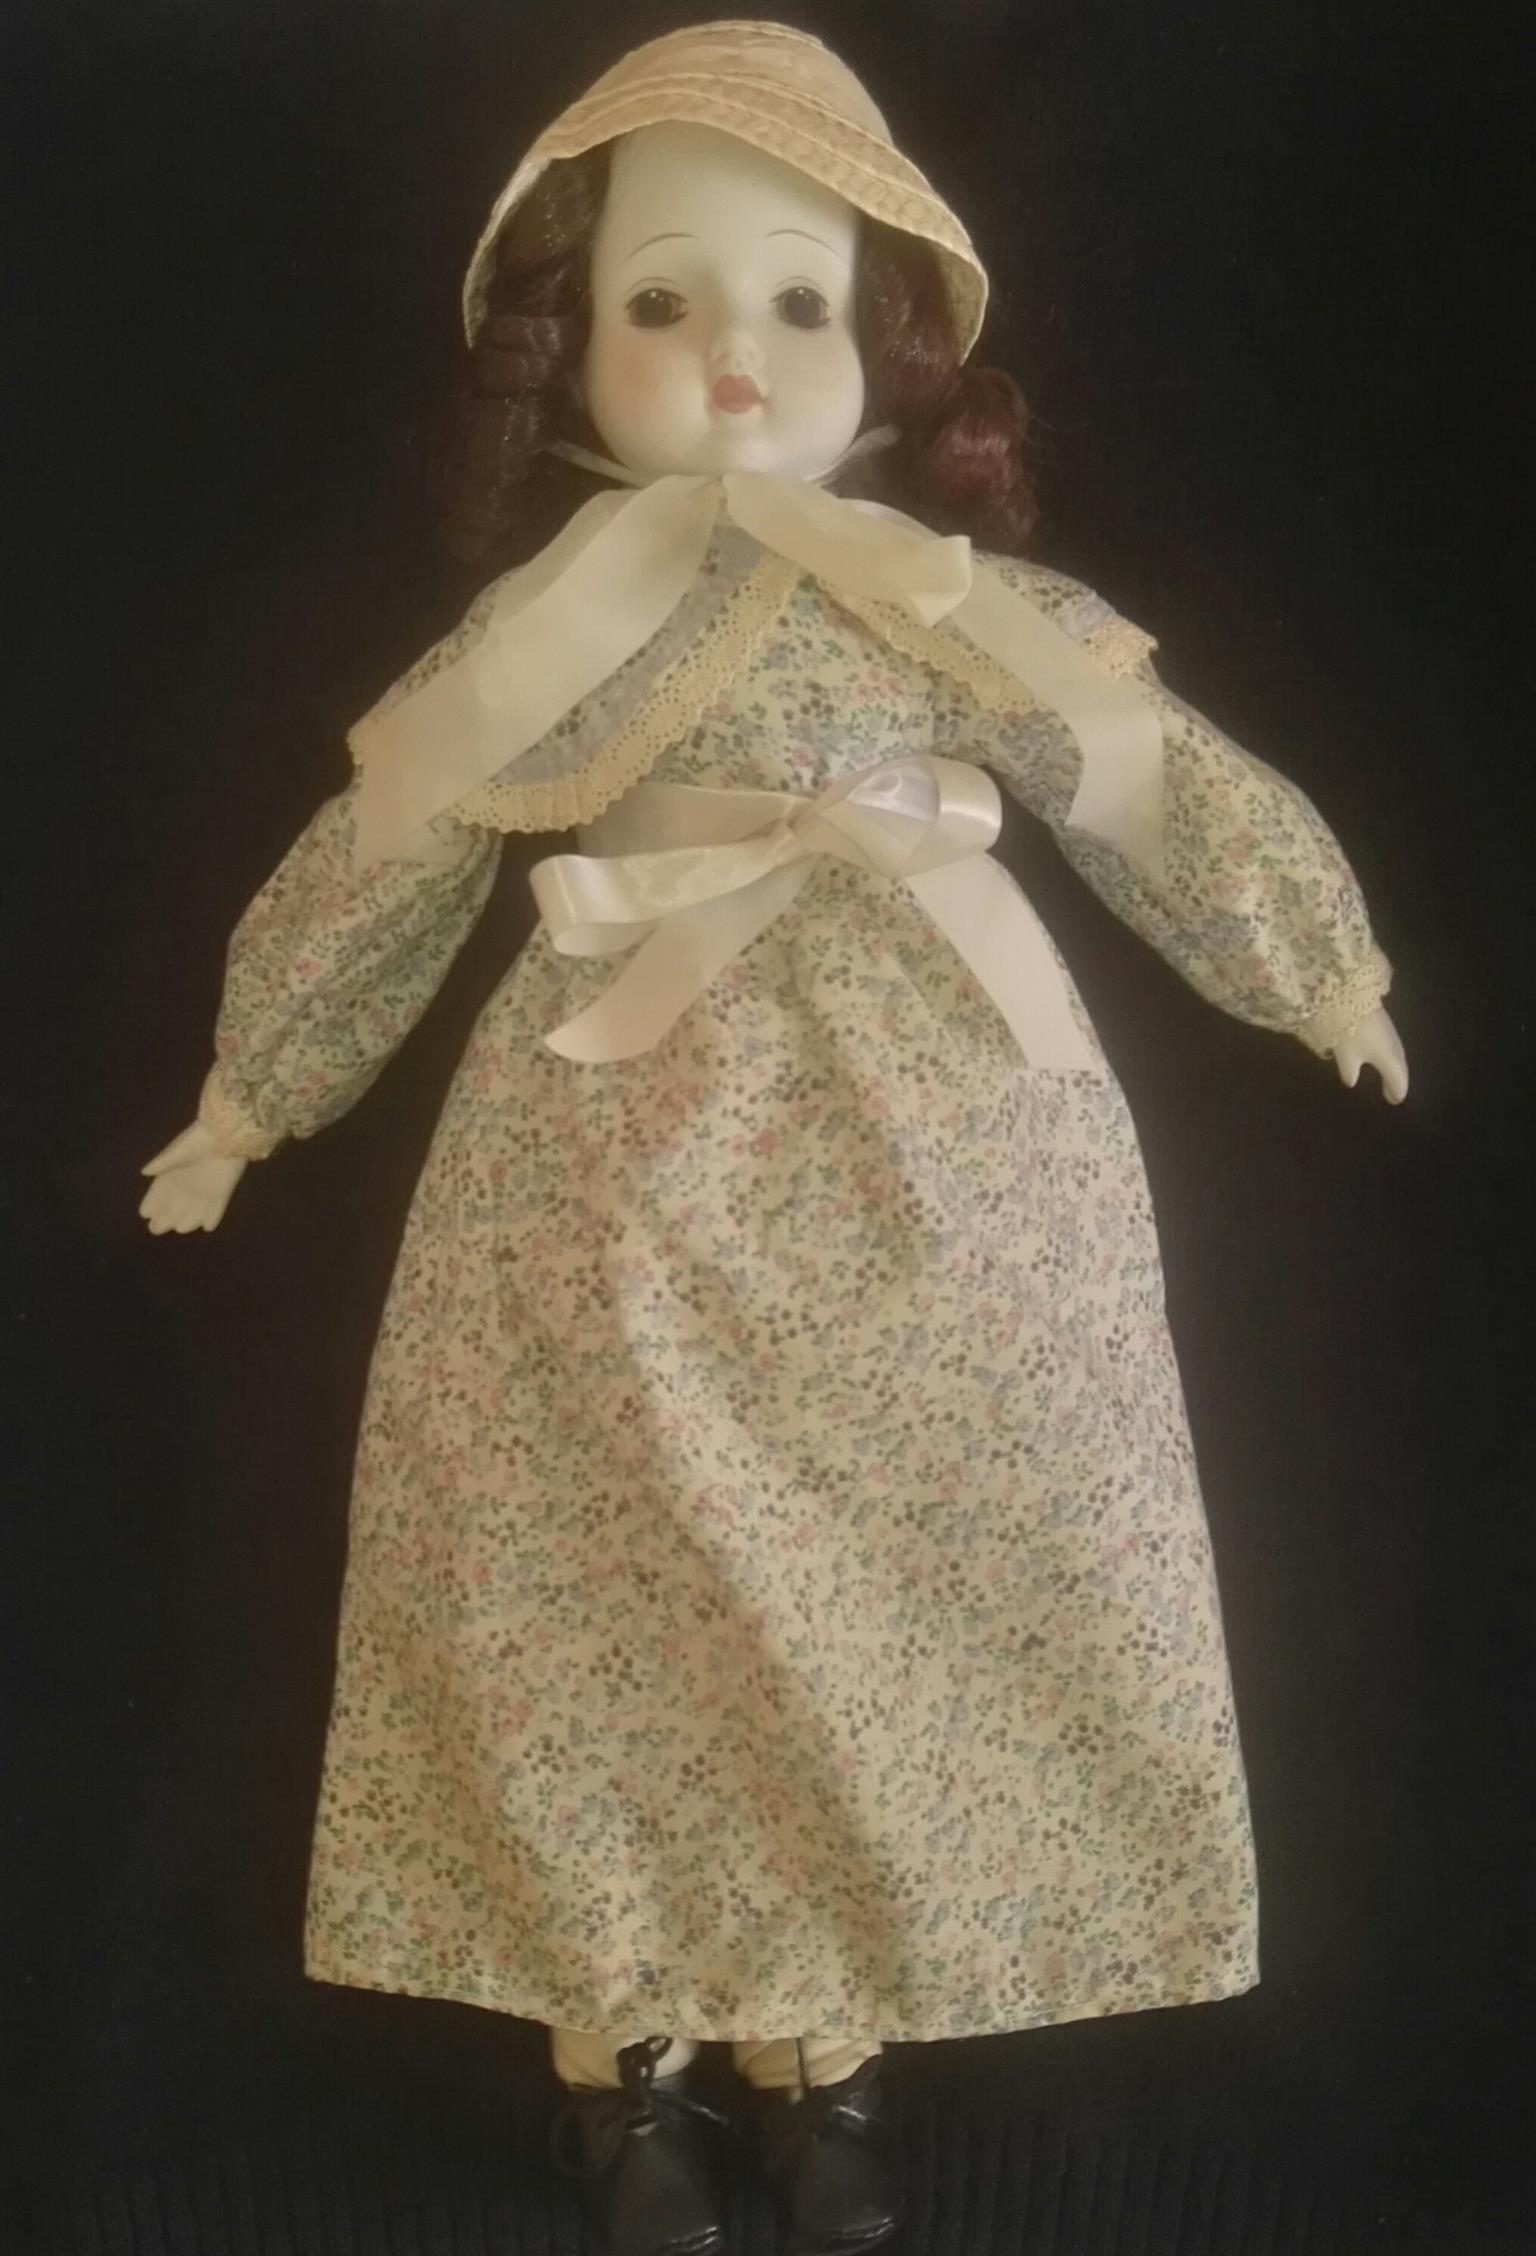 Porcelain Dolls - Antique, Prestine condition